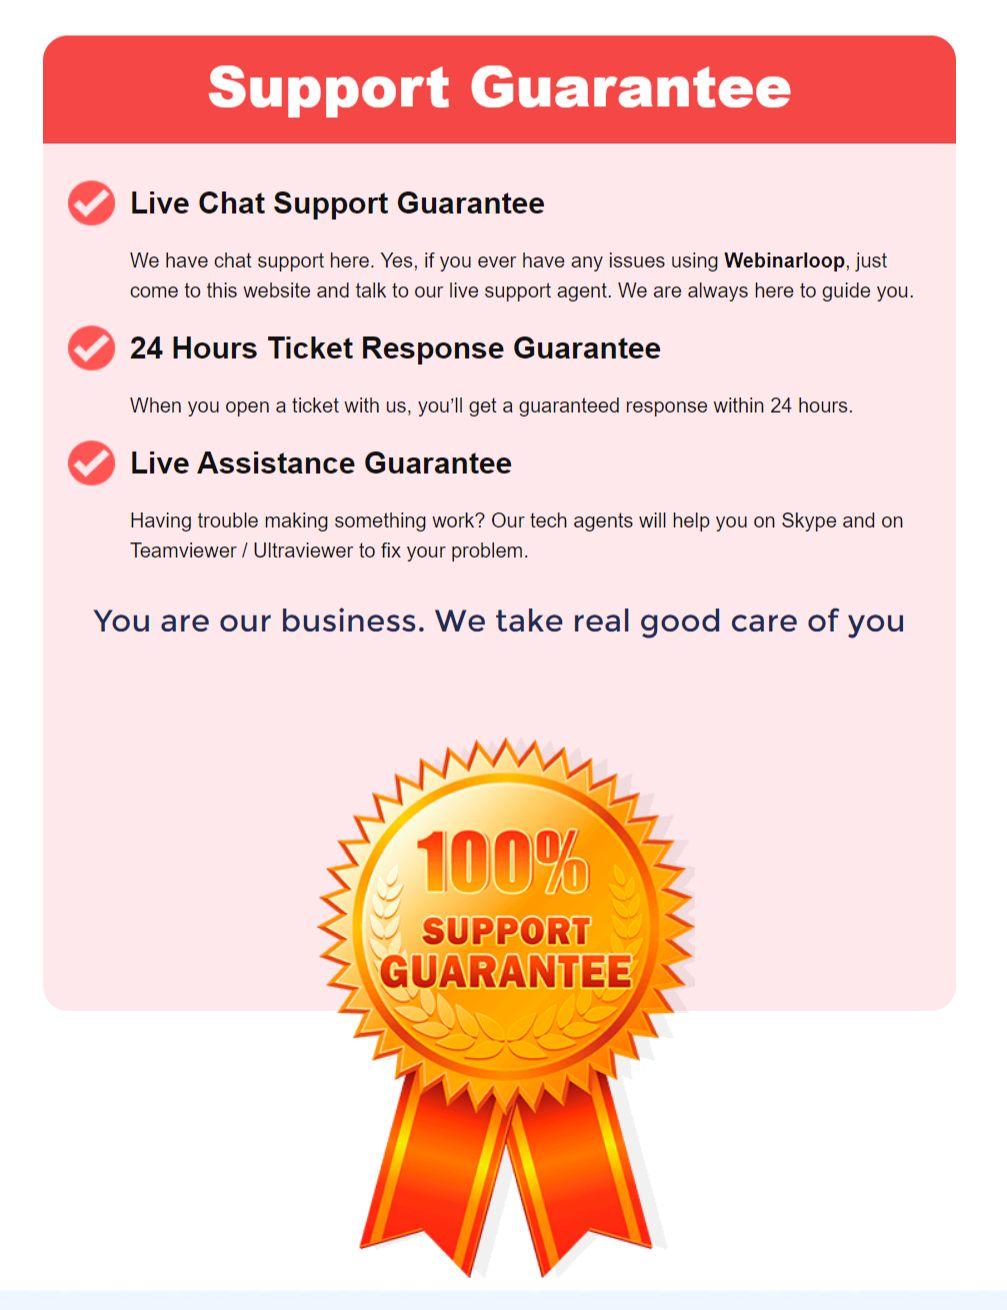 Webinarloop-Support